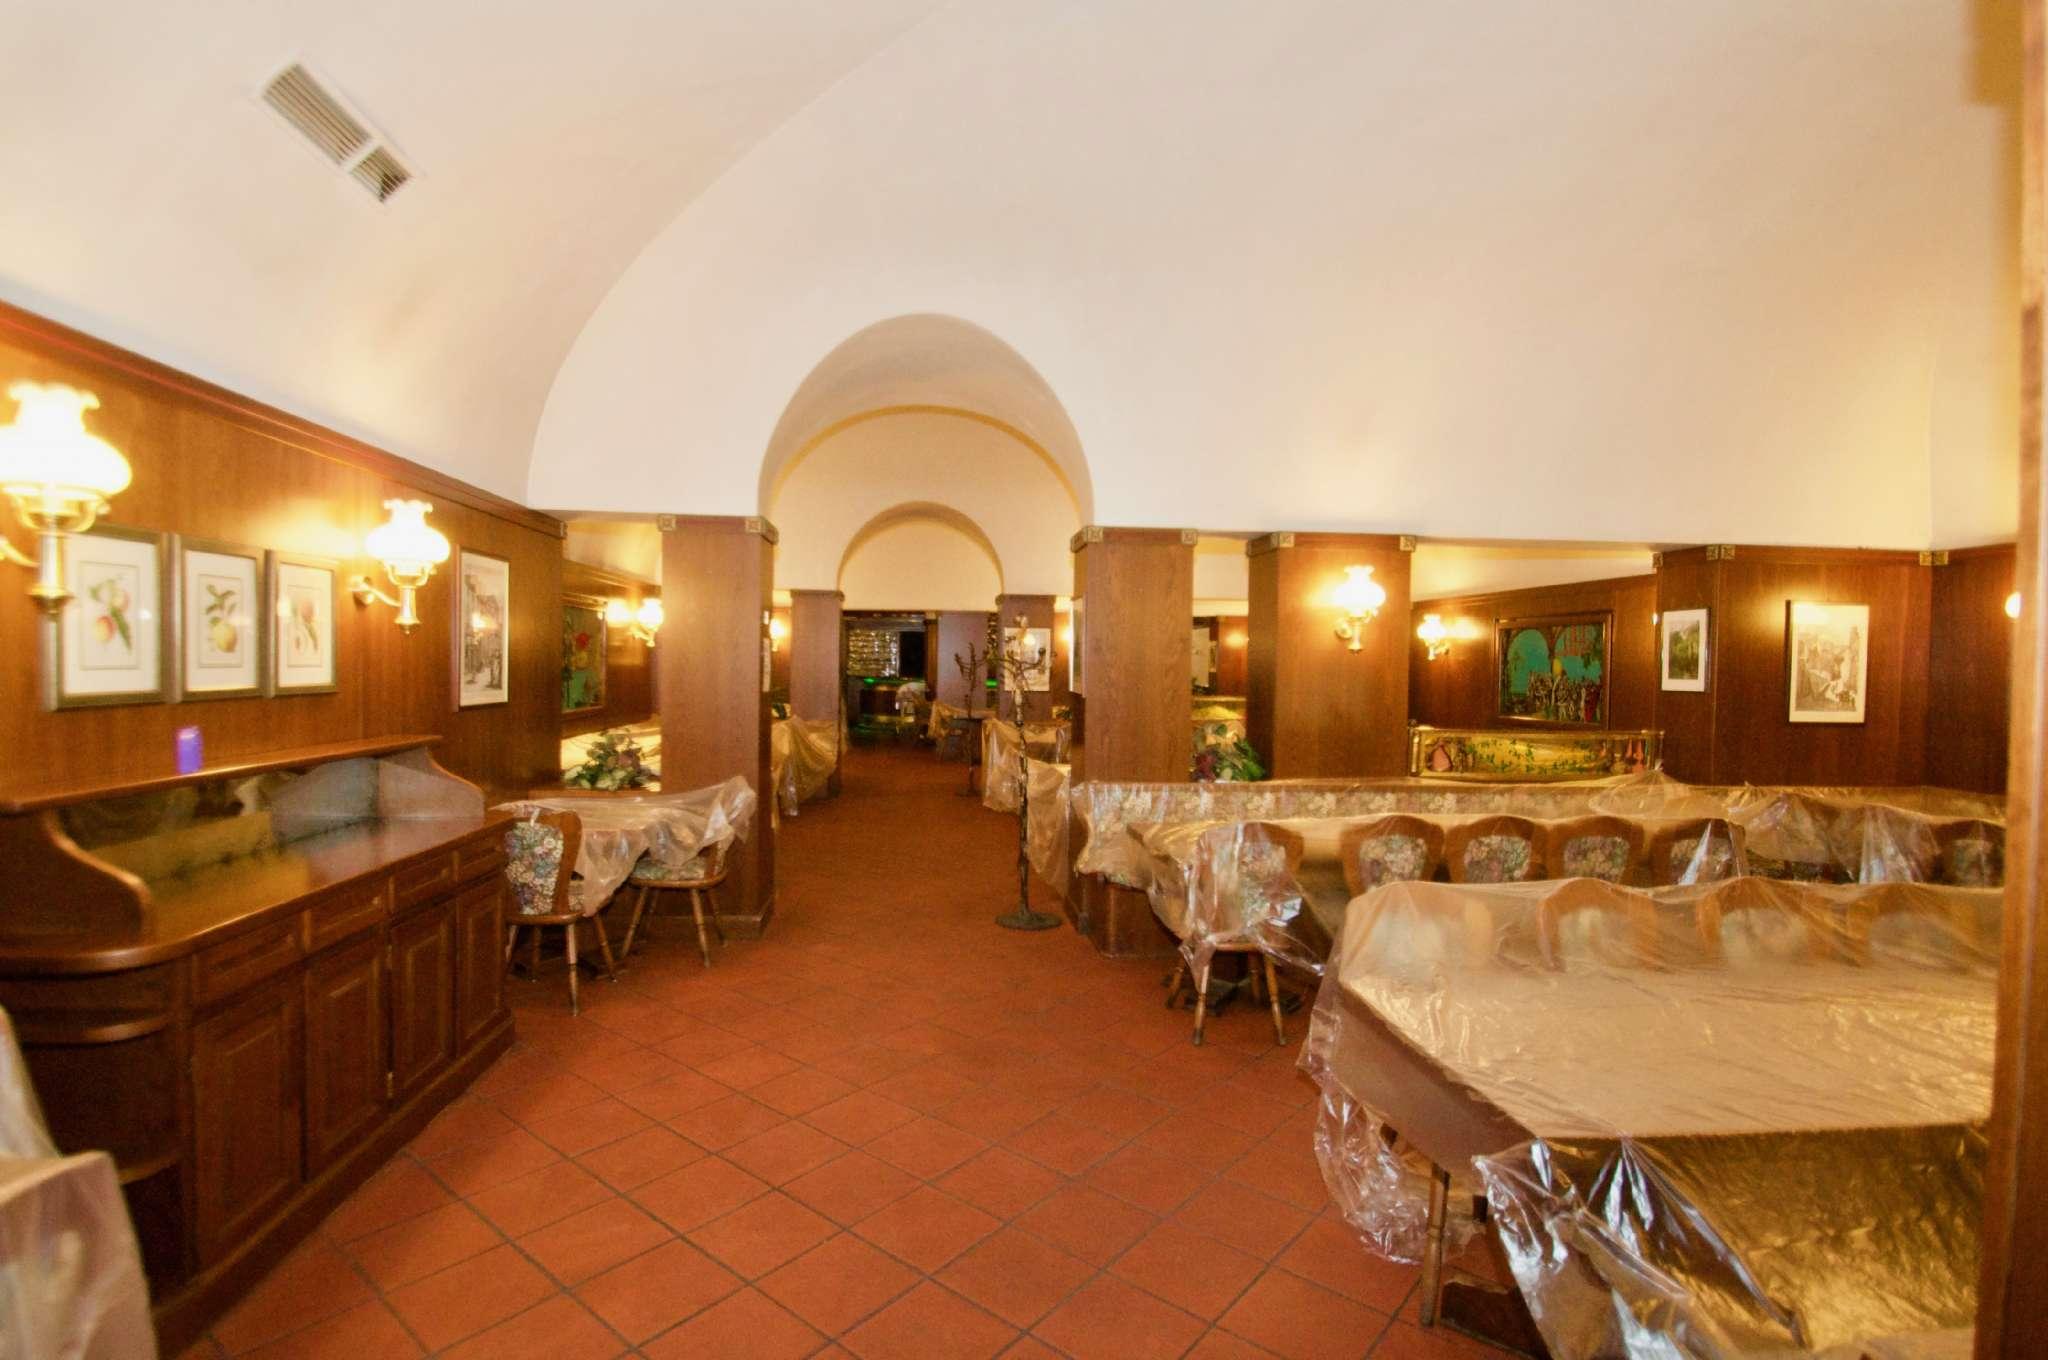 Negozio / Locale in vendita a Padova, 1 locali, zona Zona: 1 . Centro, Trattative riservate | CambioCasa.it